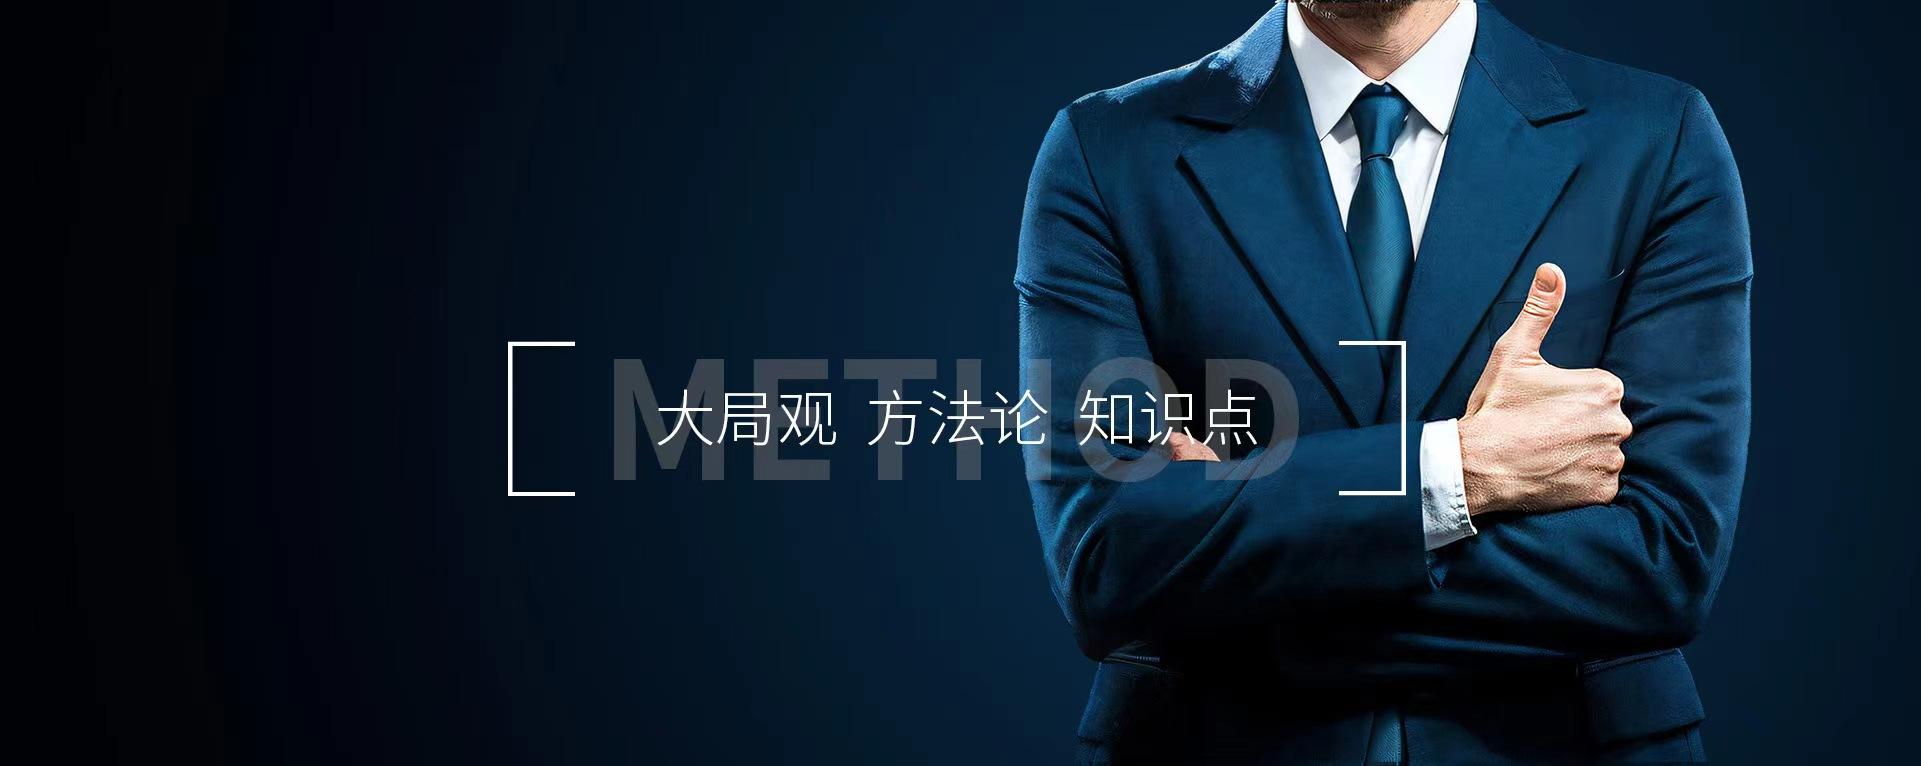 营销品牌策划公司-深圳营销策划公司十强-尖刀营销策划